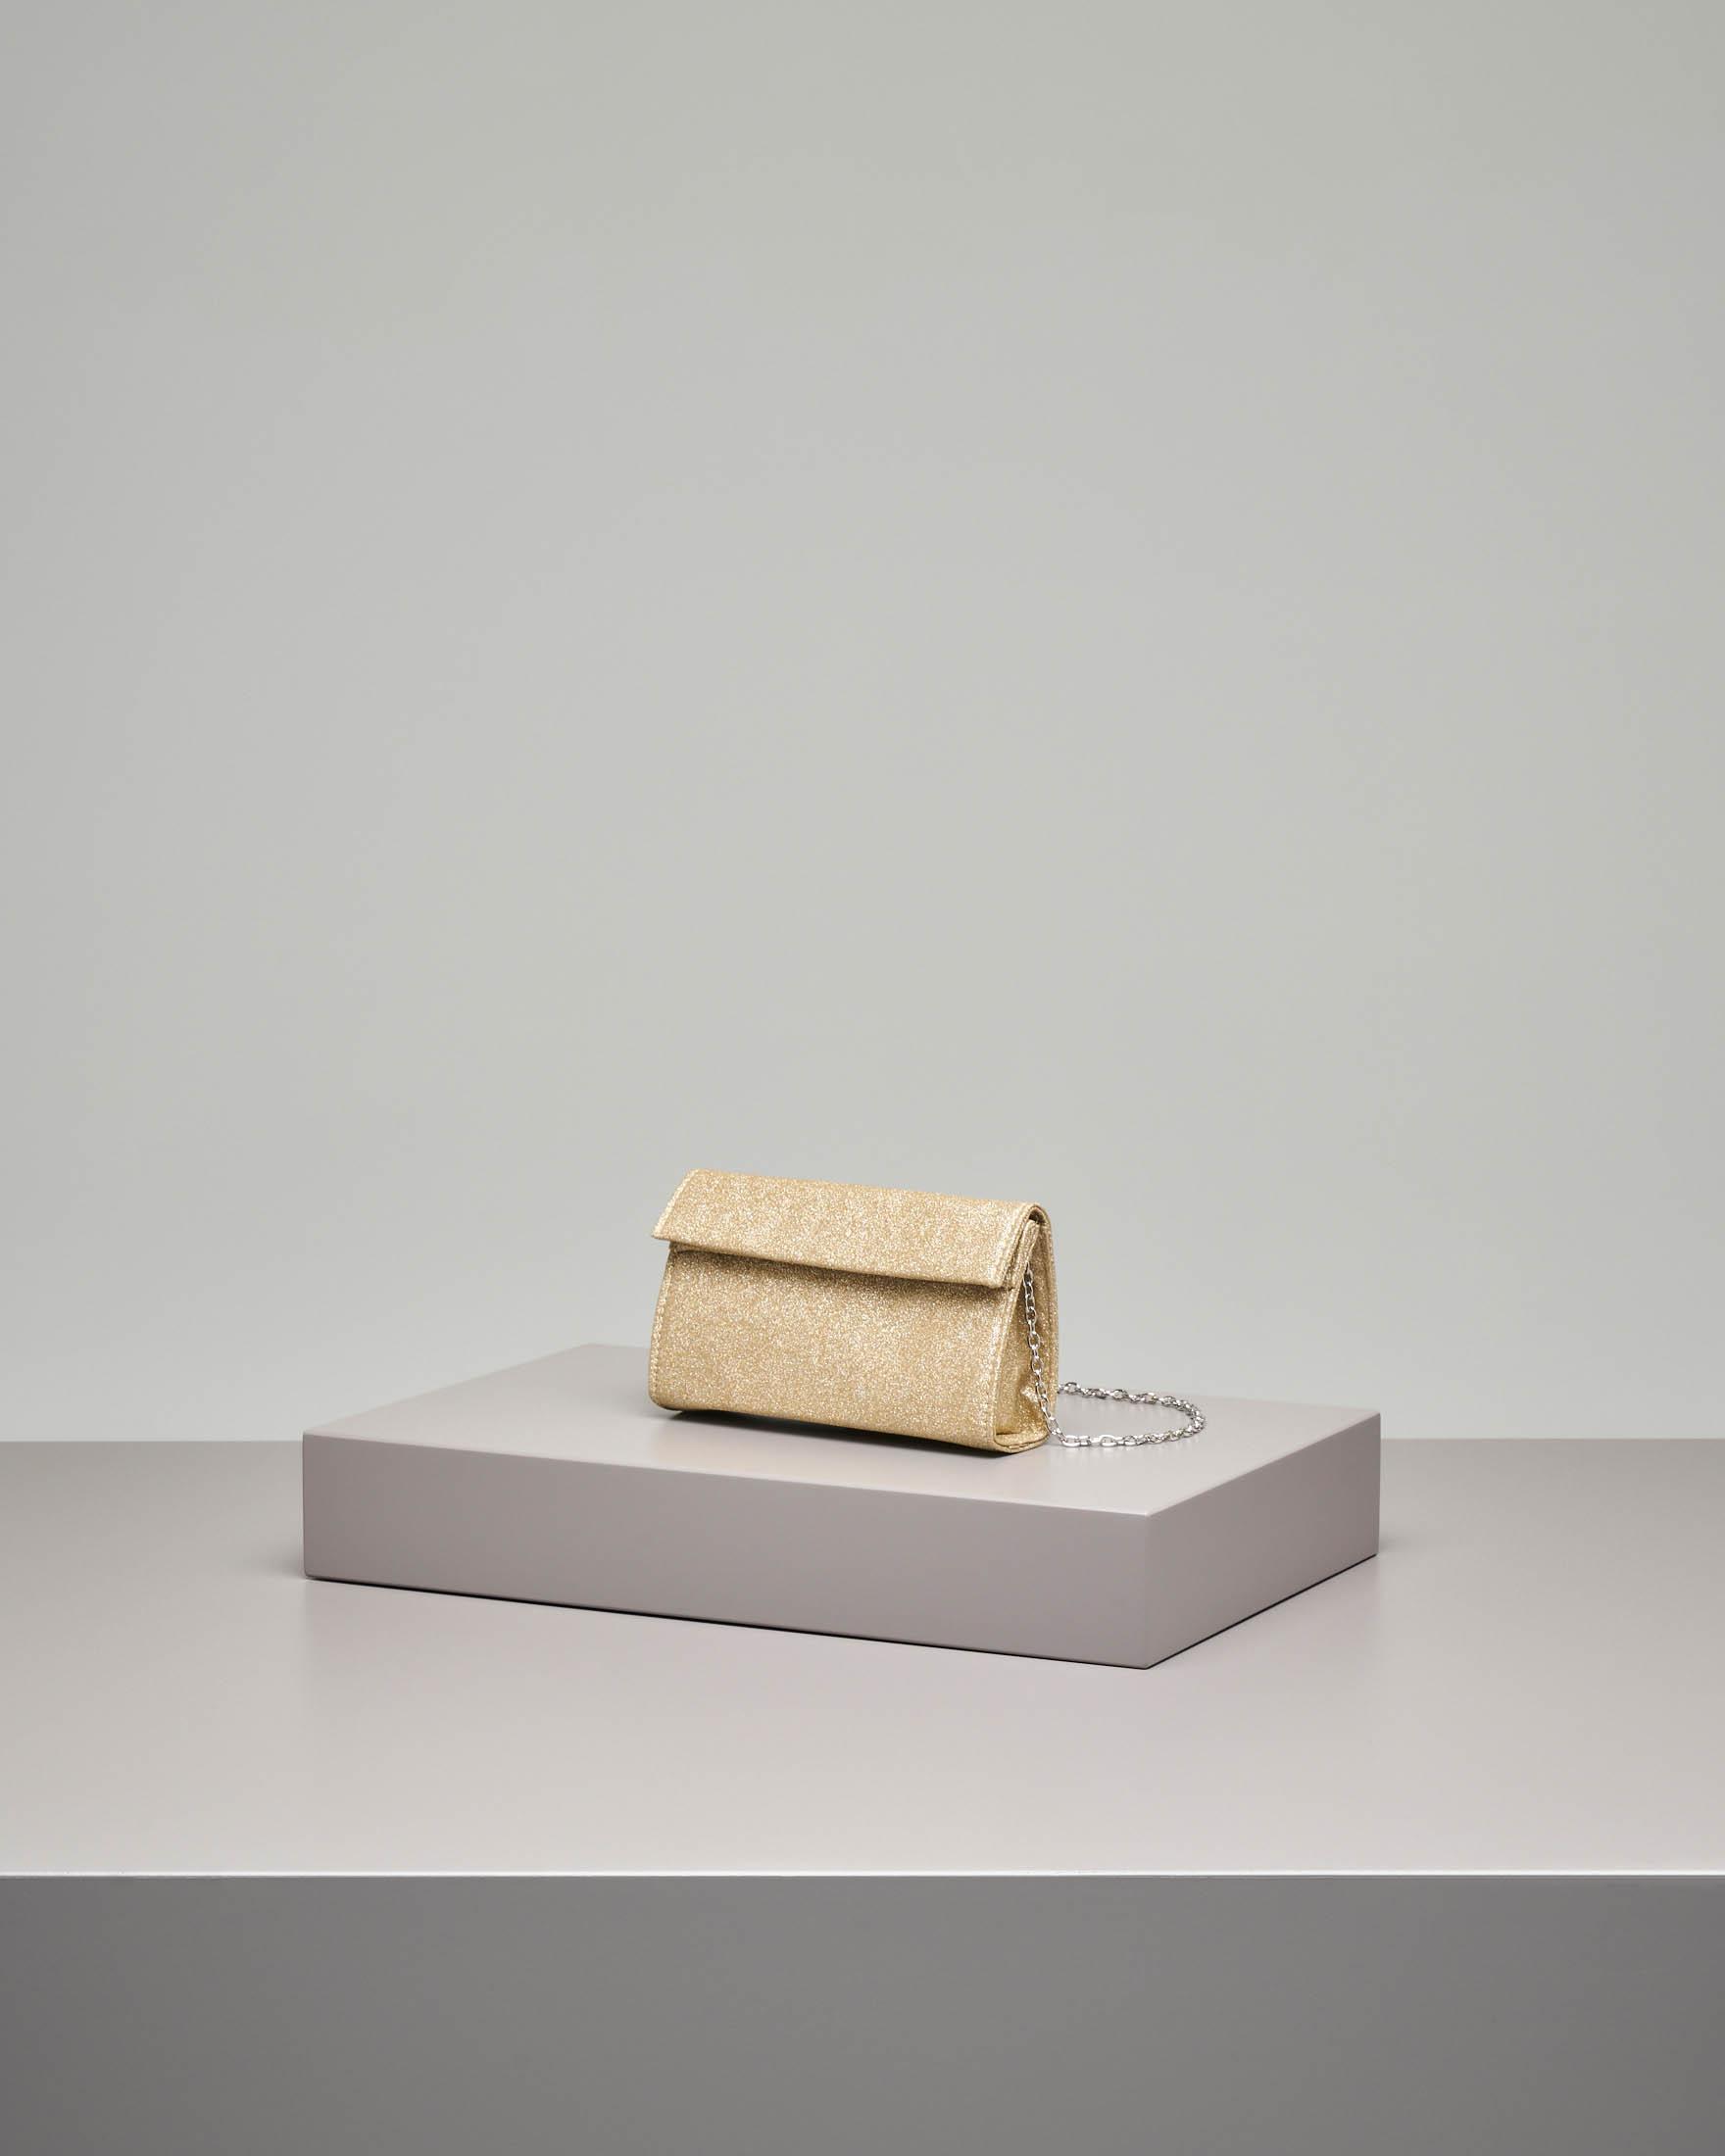 Pochette a base rigida in tessuto effetto glitter color oro con piccola patta